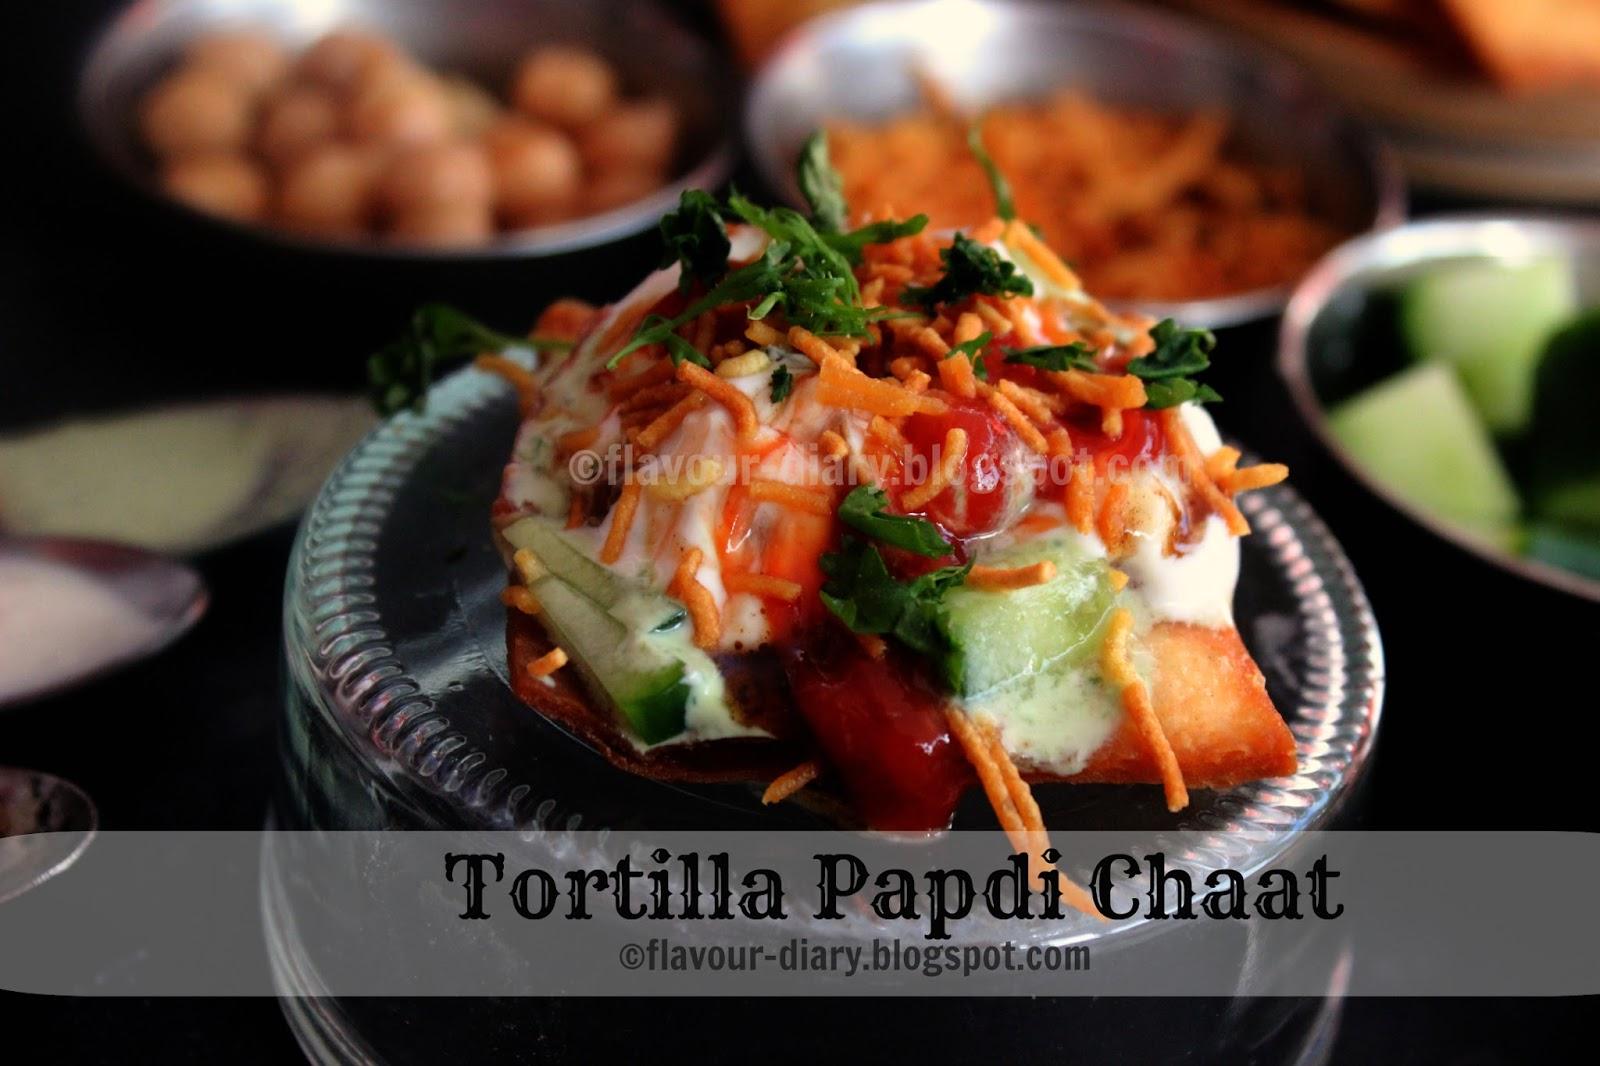 tortilla using recipes